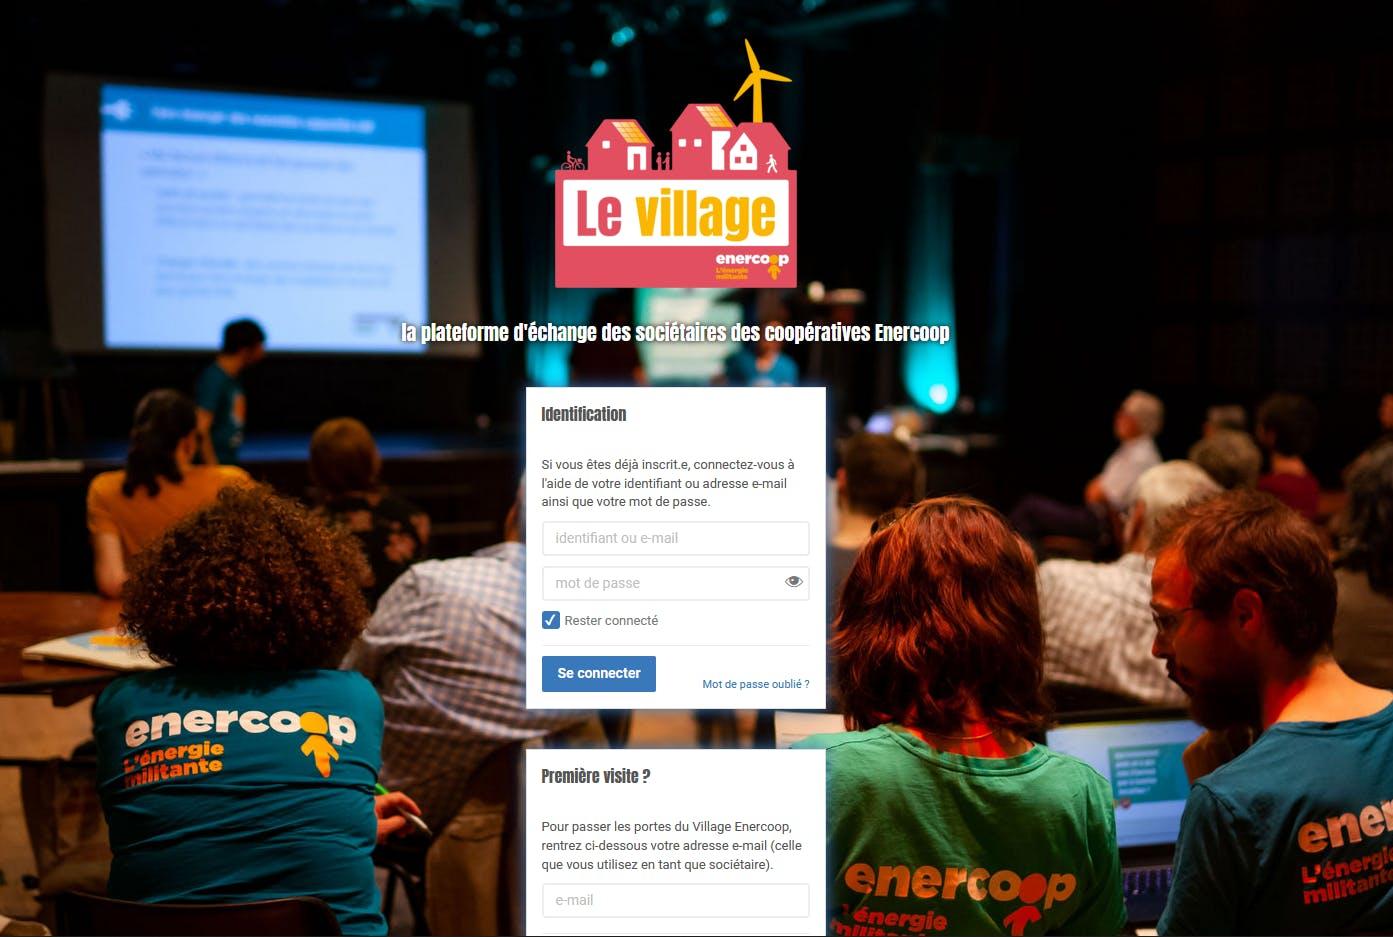 Ecran d'un de la plateforme La village